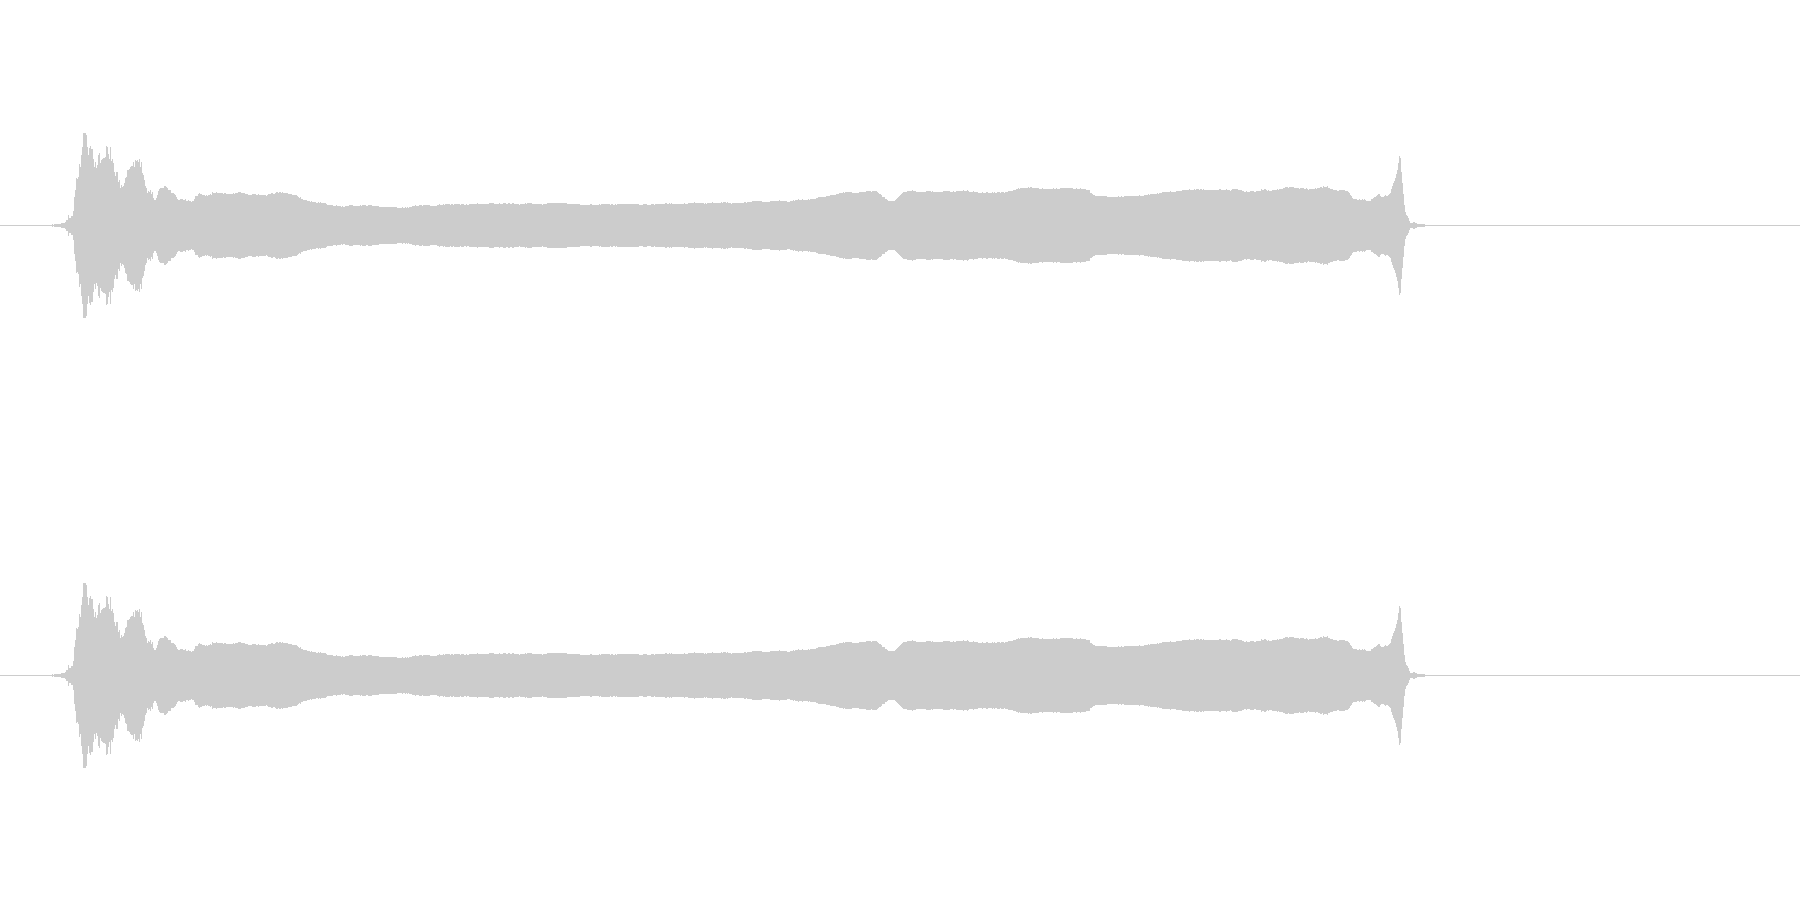 篠笛(六本調子)の甲高いひしぎ音です。…の未再生の波形